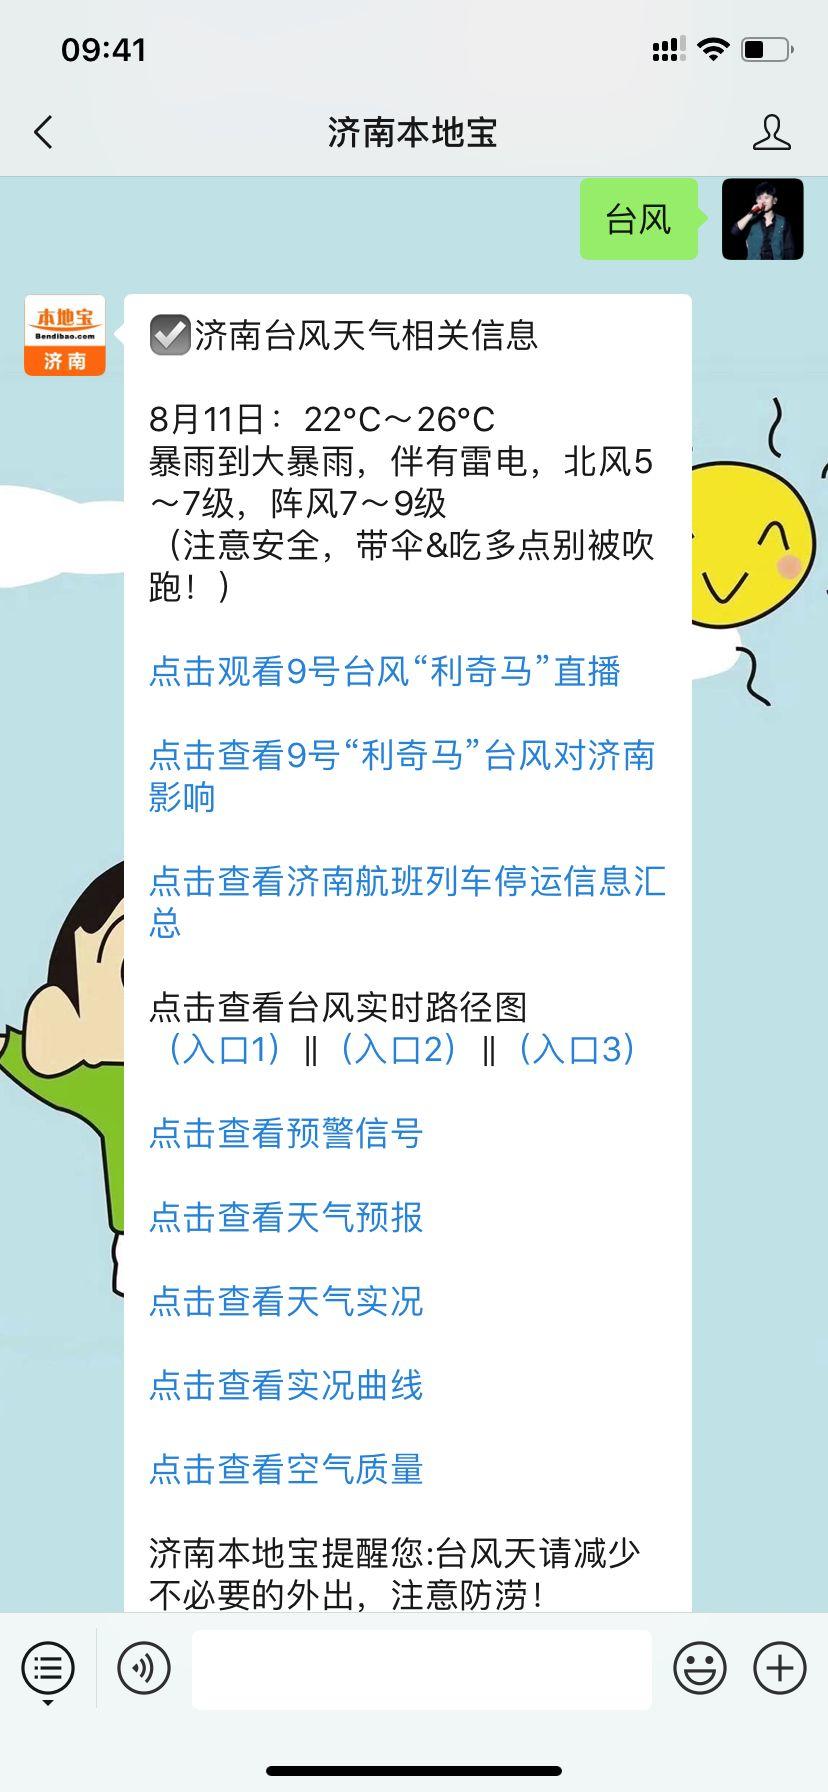 台风 利奇马 最新动态 济南发布暴雨预警,铁路 高速实时信息汇总